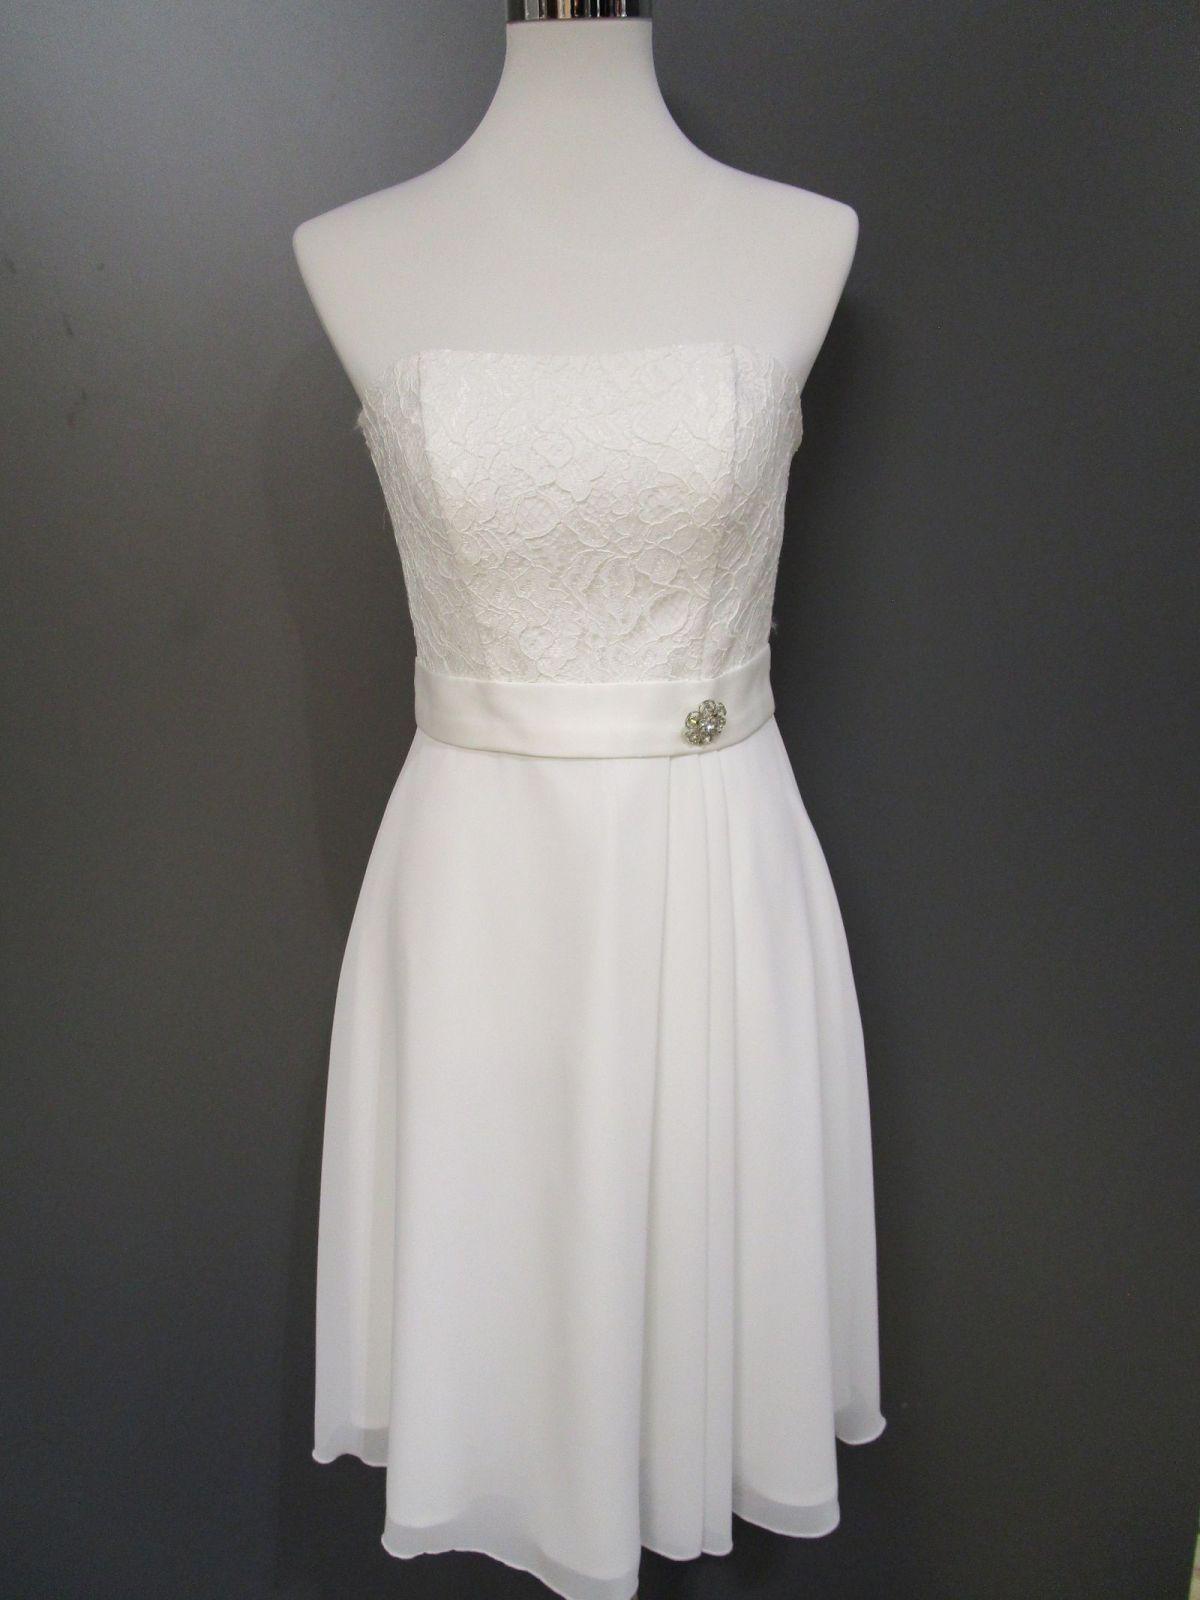 details zu fashion new york kurzes brautkleid standesamt ivory gr.48 neu  (b100-15)